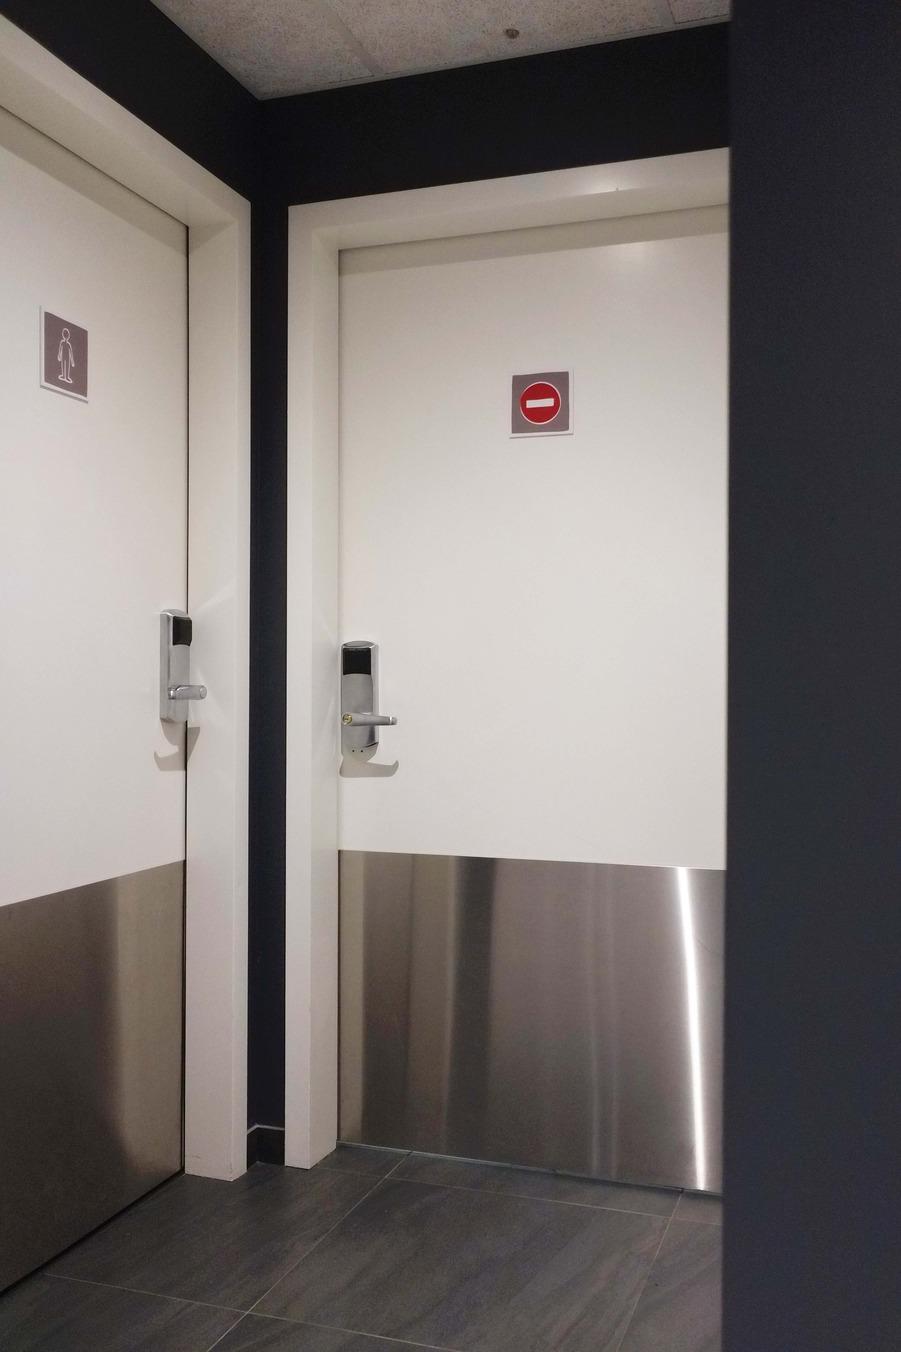 Porte EI30 phonique Attastop+, serrure hôtel avec lecteur de cartes KABA